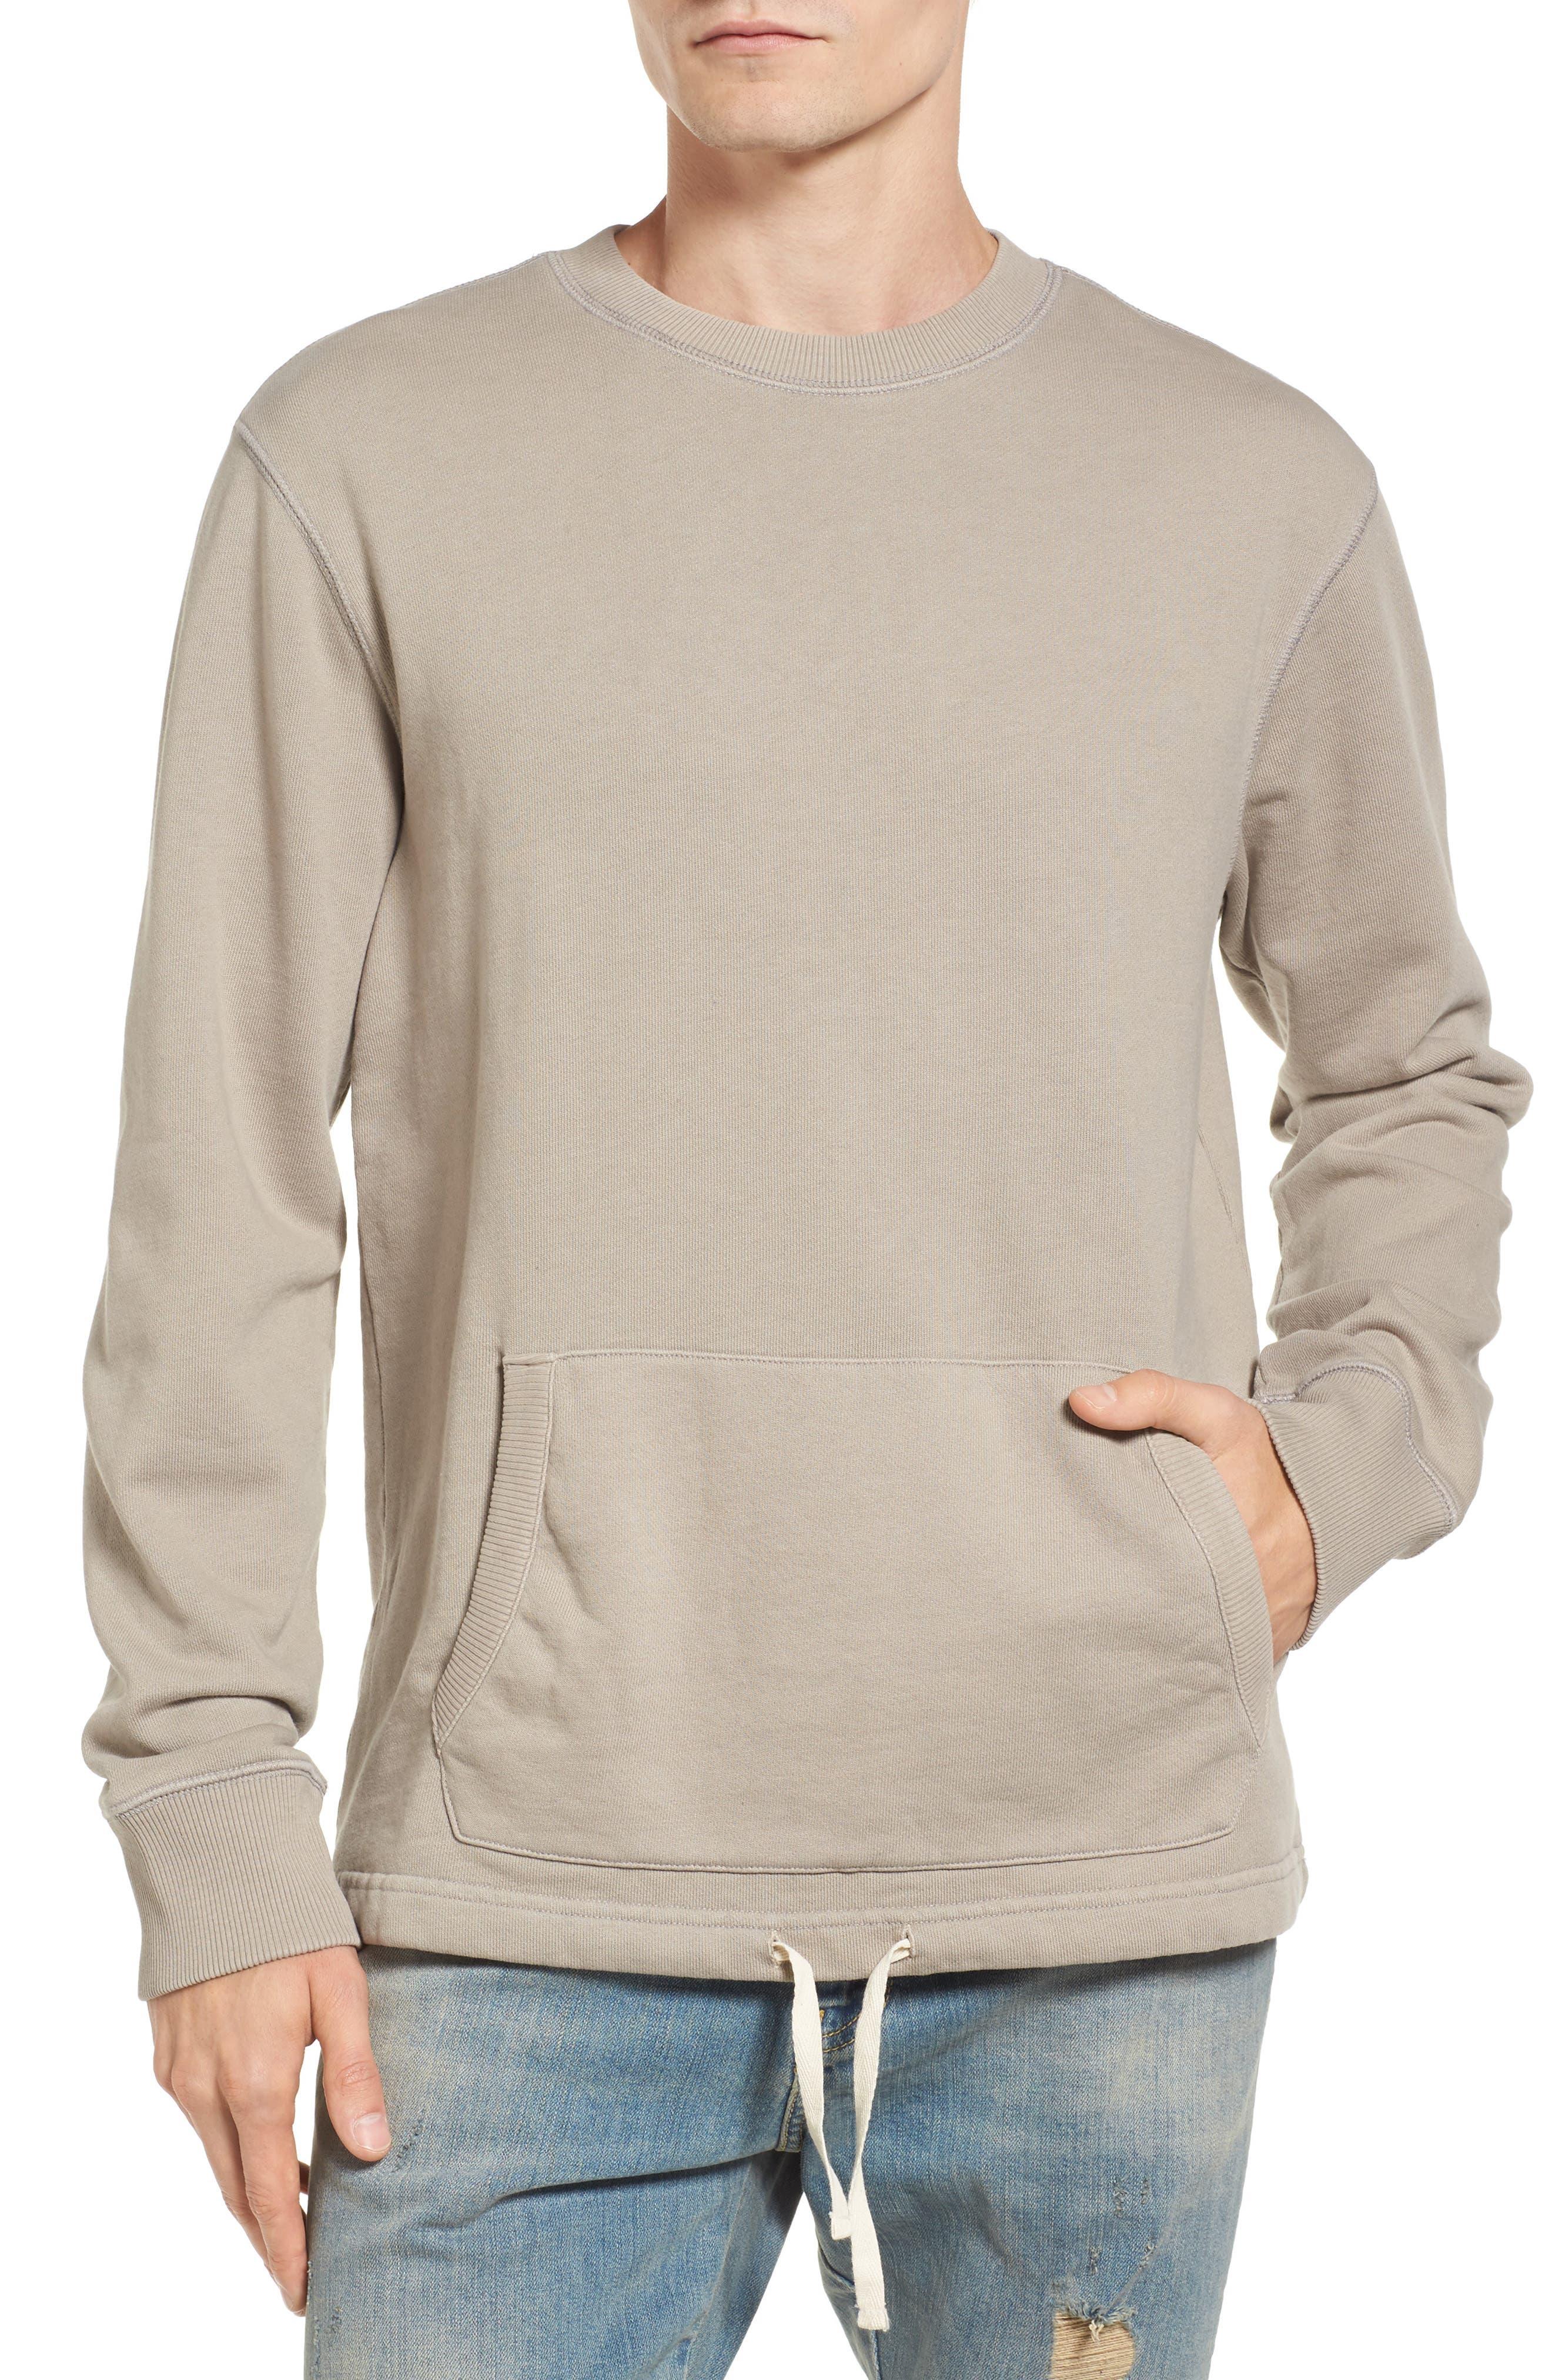 Drawcord Hem Sweatshirt,                             Main thumbnail 1, color,                             Tan Aluminum